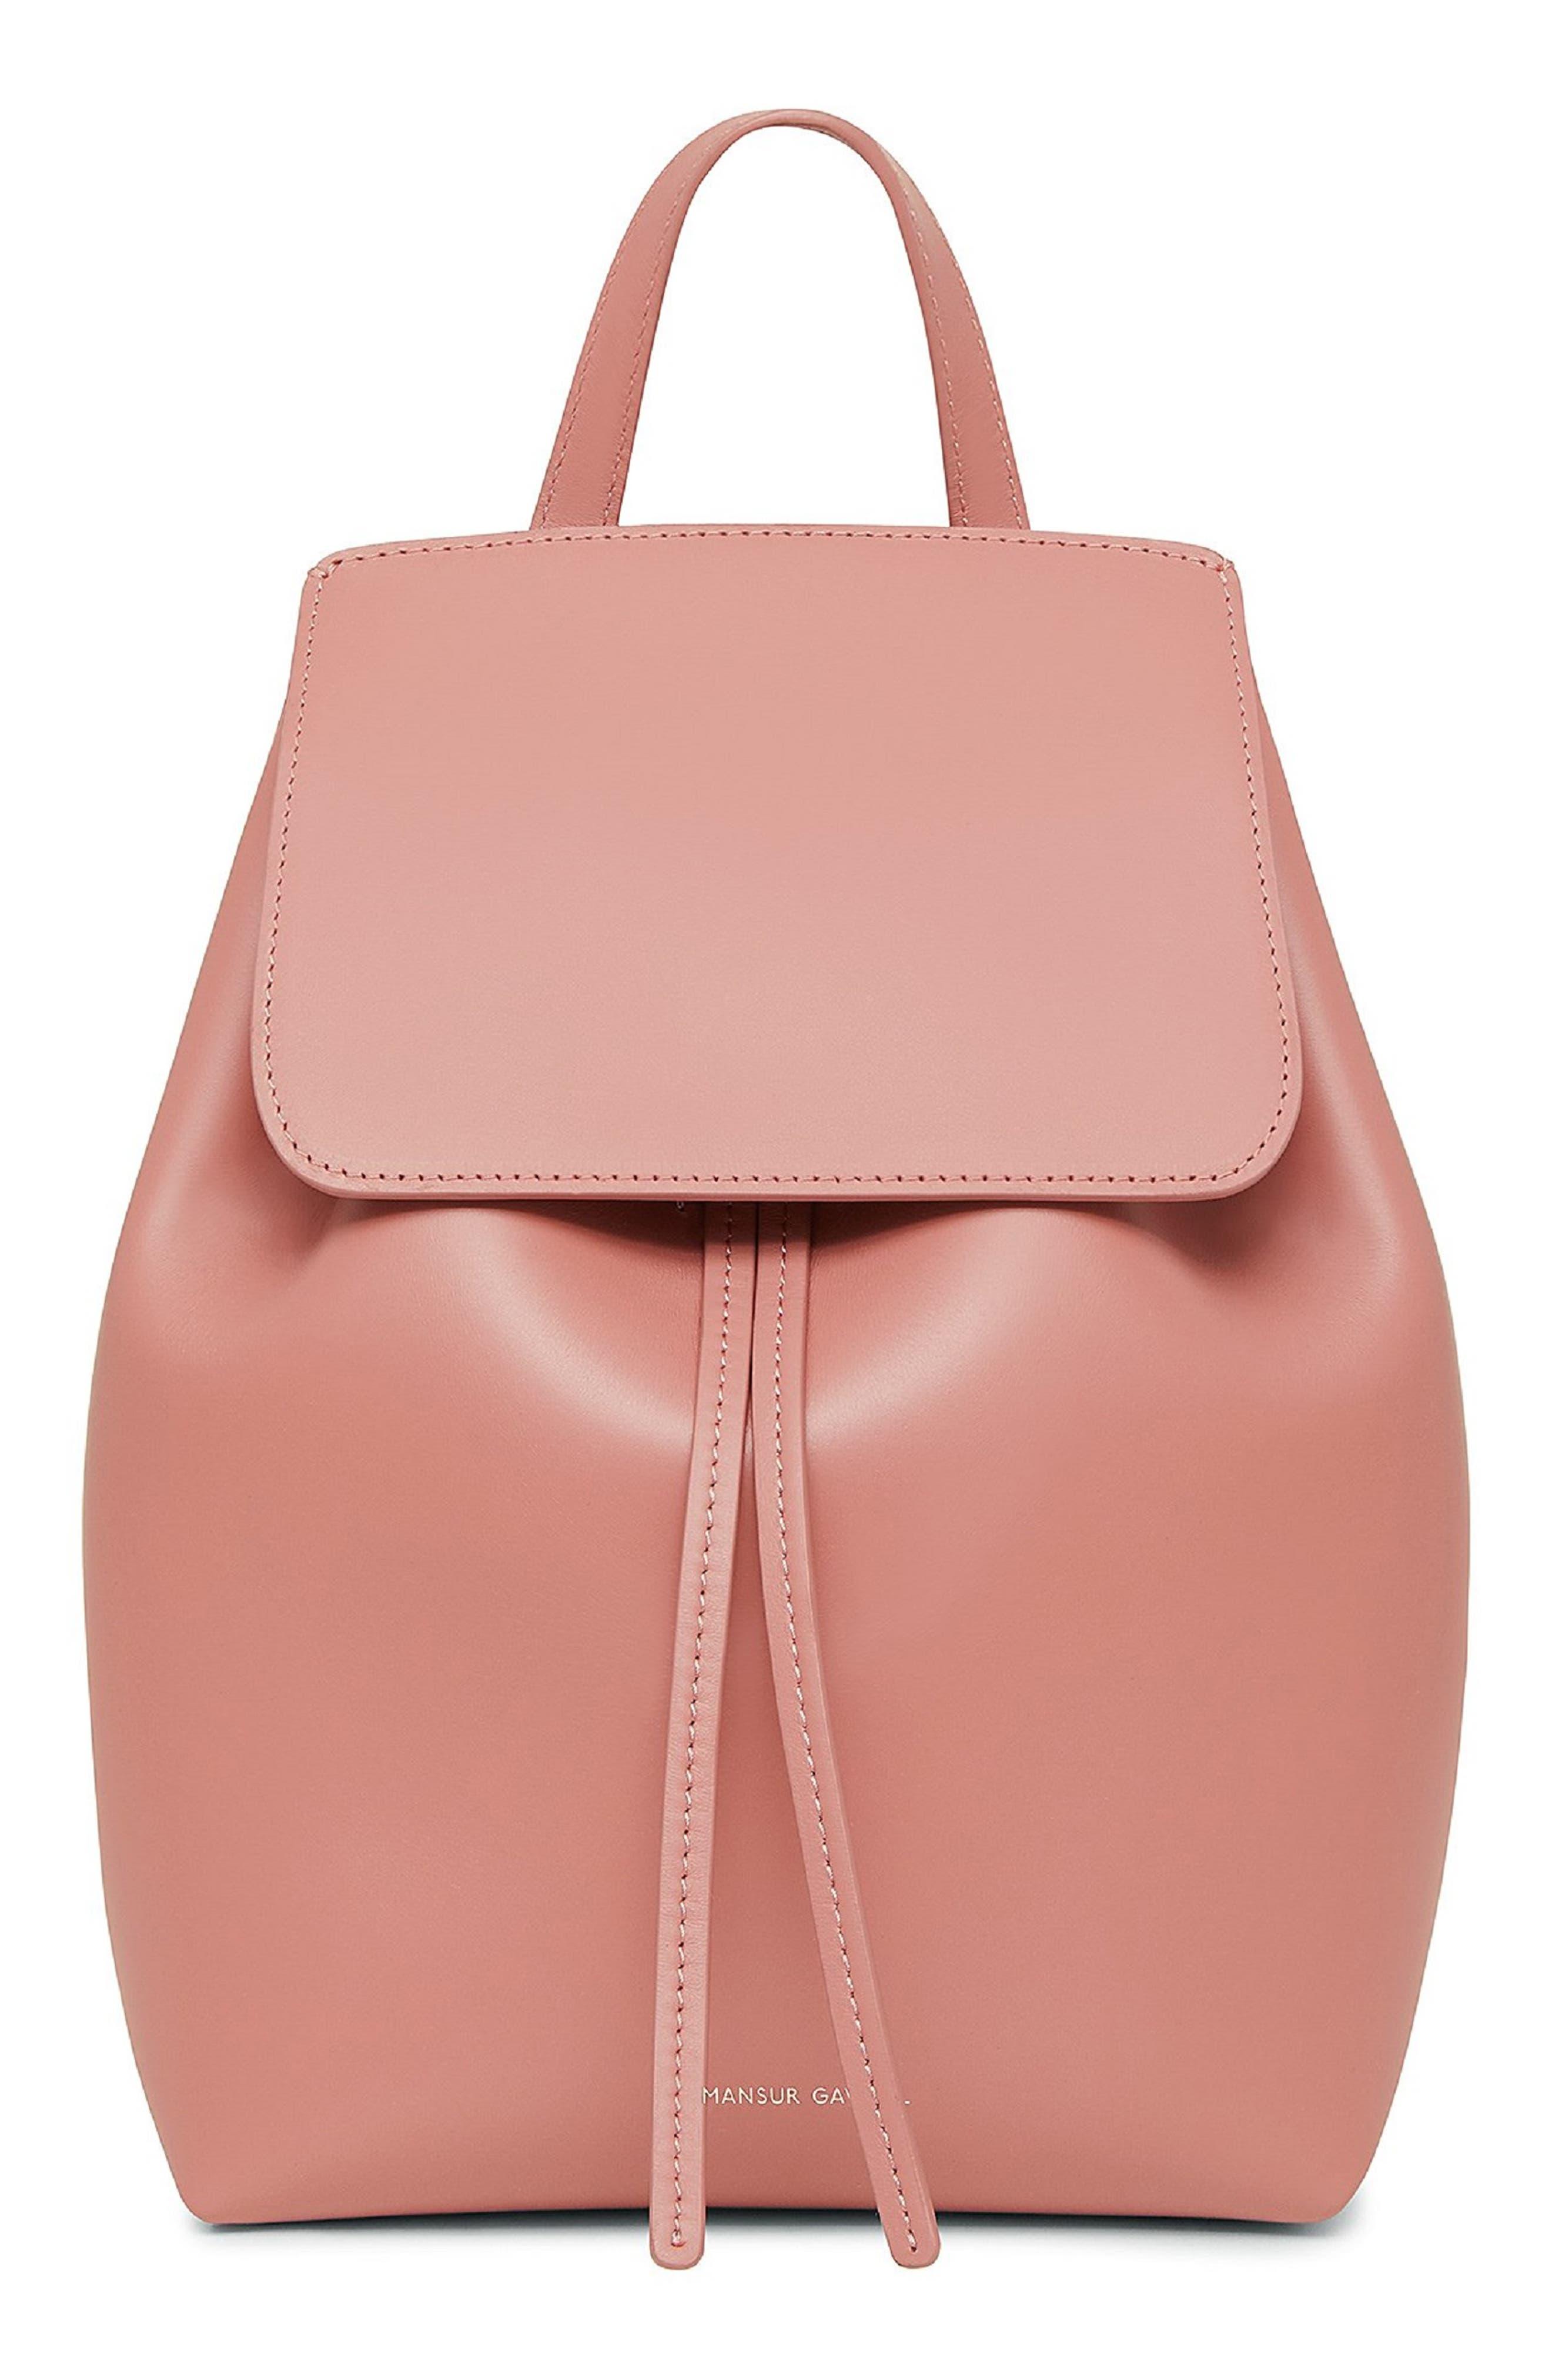 Mini Leather Backpack,                             Main thumbnail 1, color,                             BLUSH